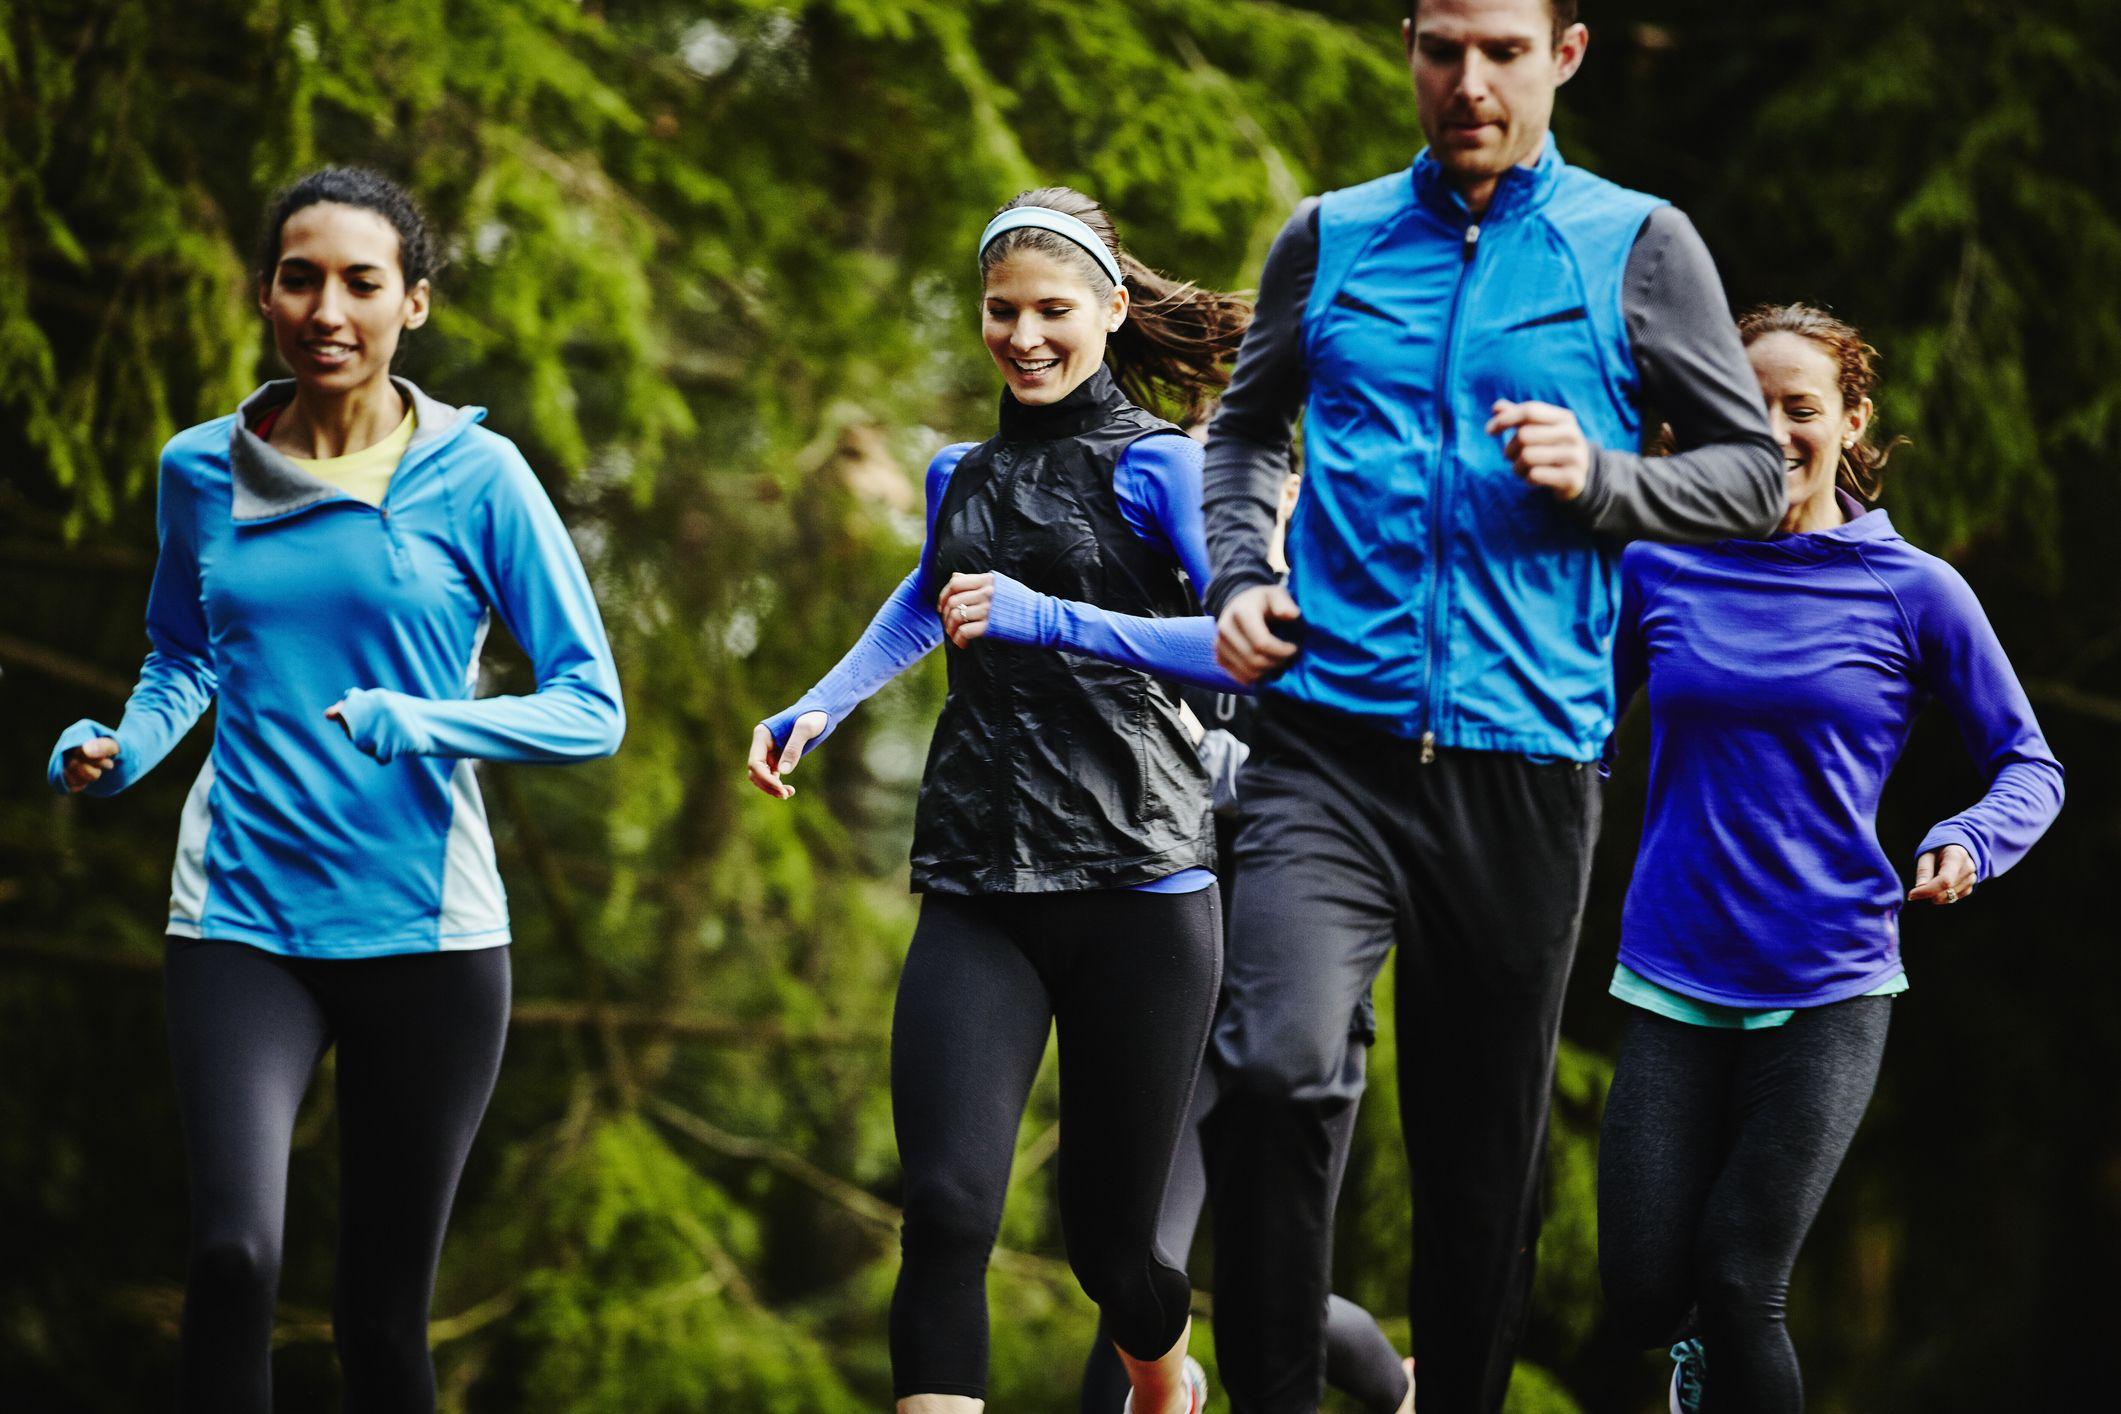 Running Easy Makes Hard Running Feel Way Easier—Here's How